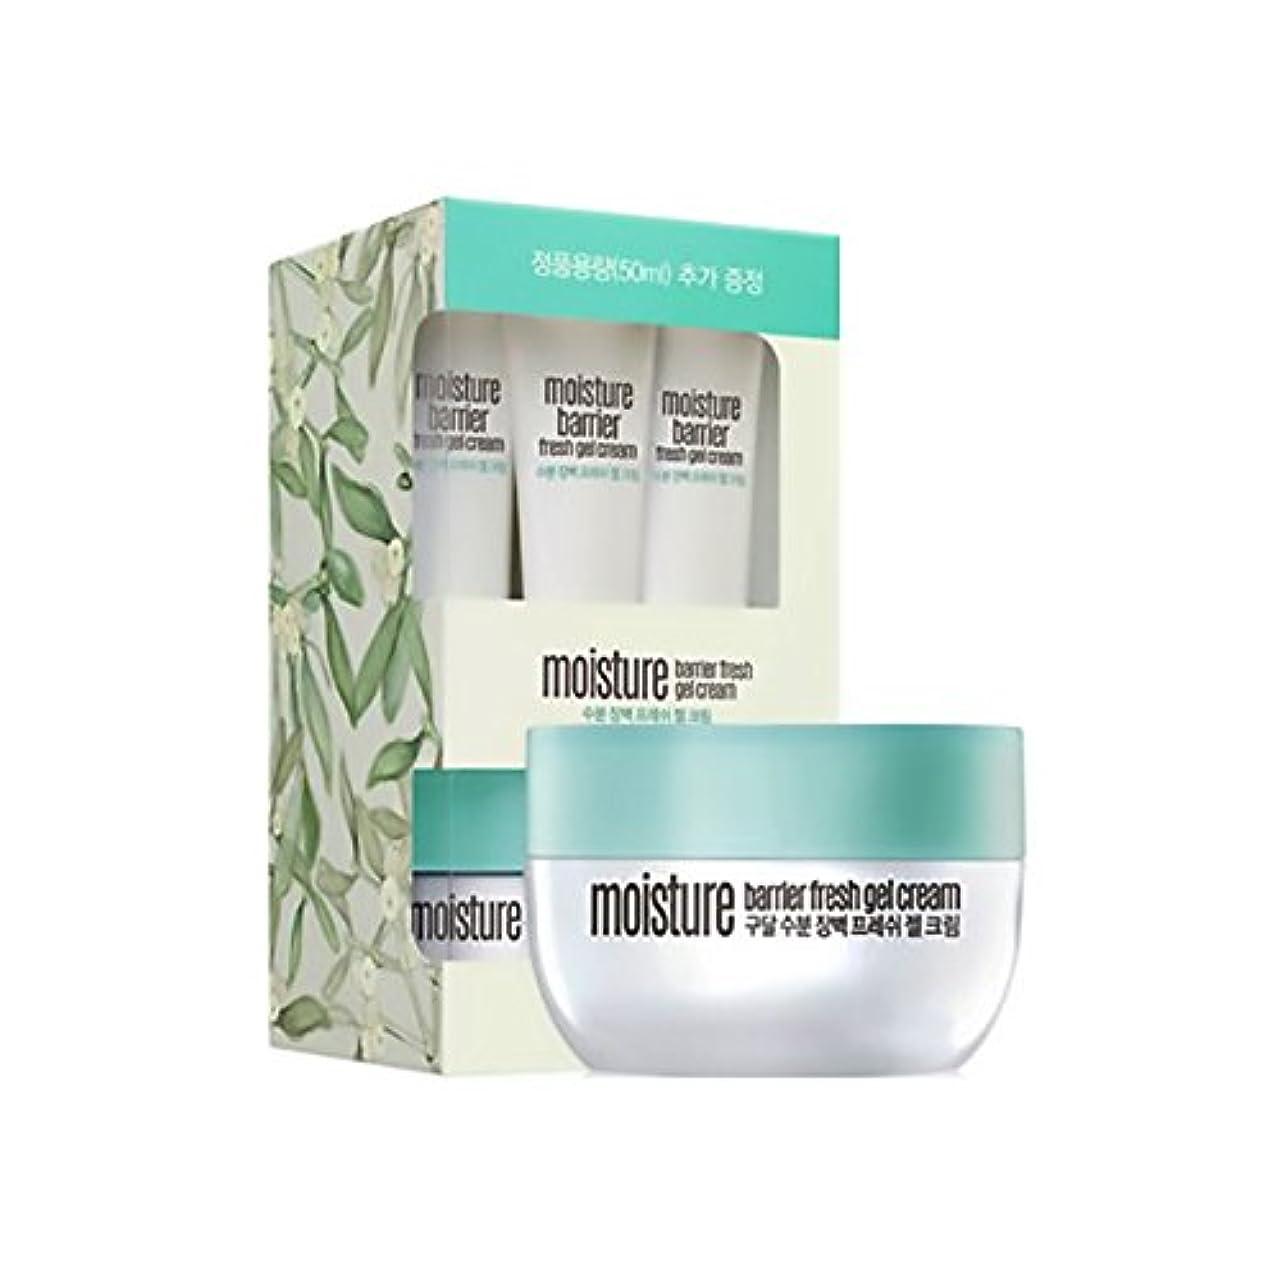 クラウン生命体ウサギgoodal moisture barrier fresh gel cream set